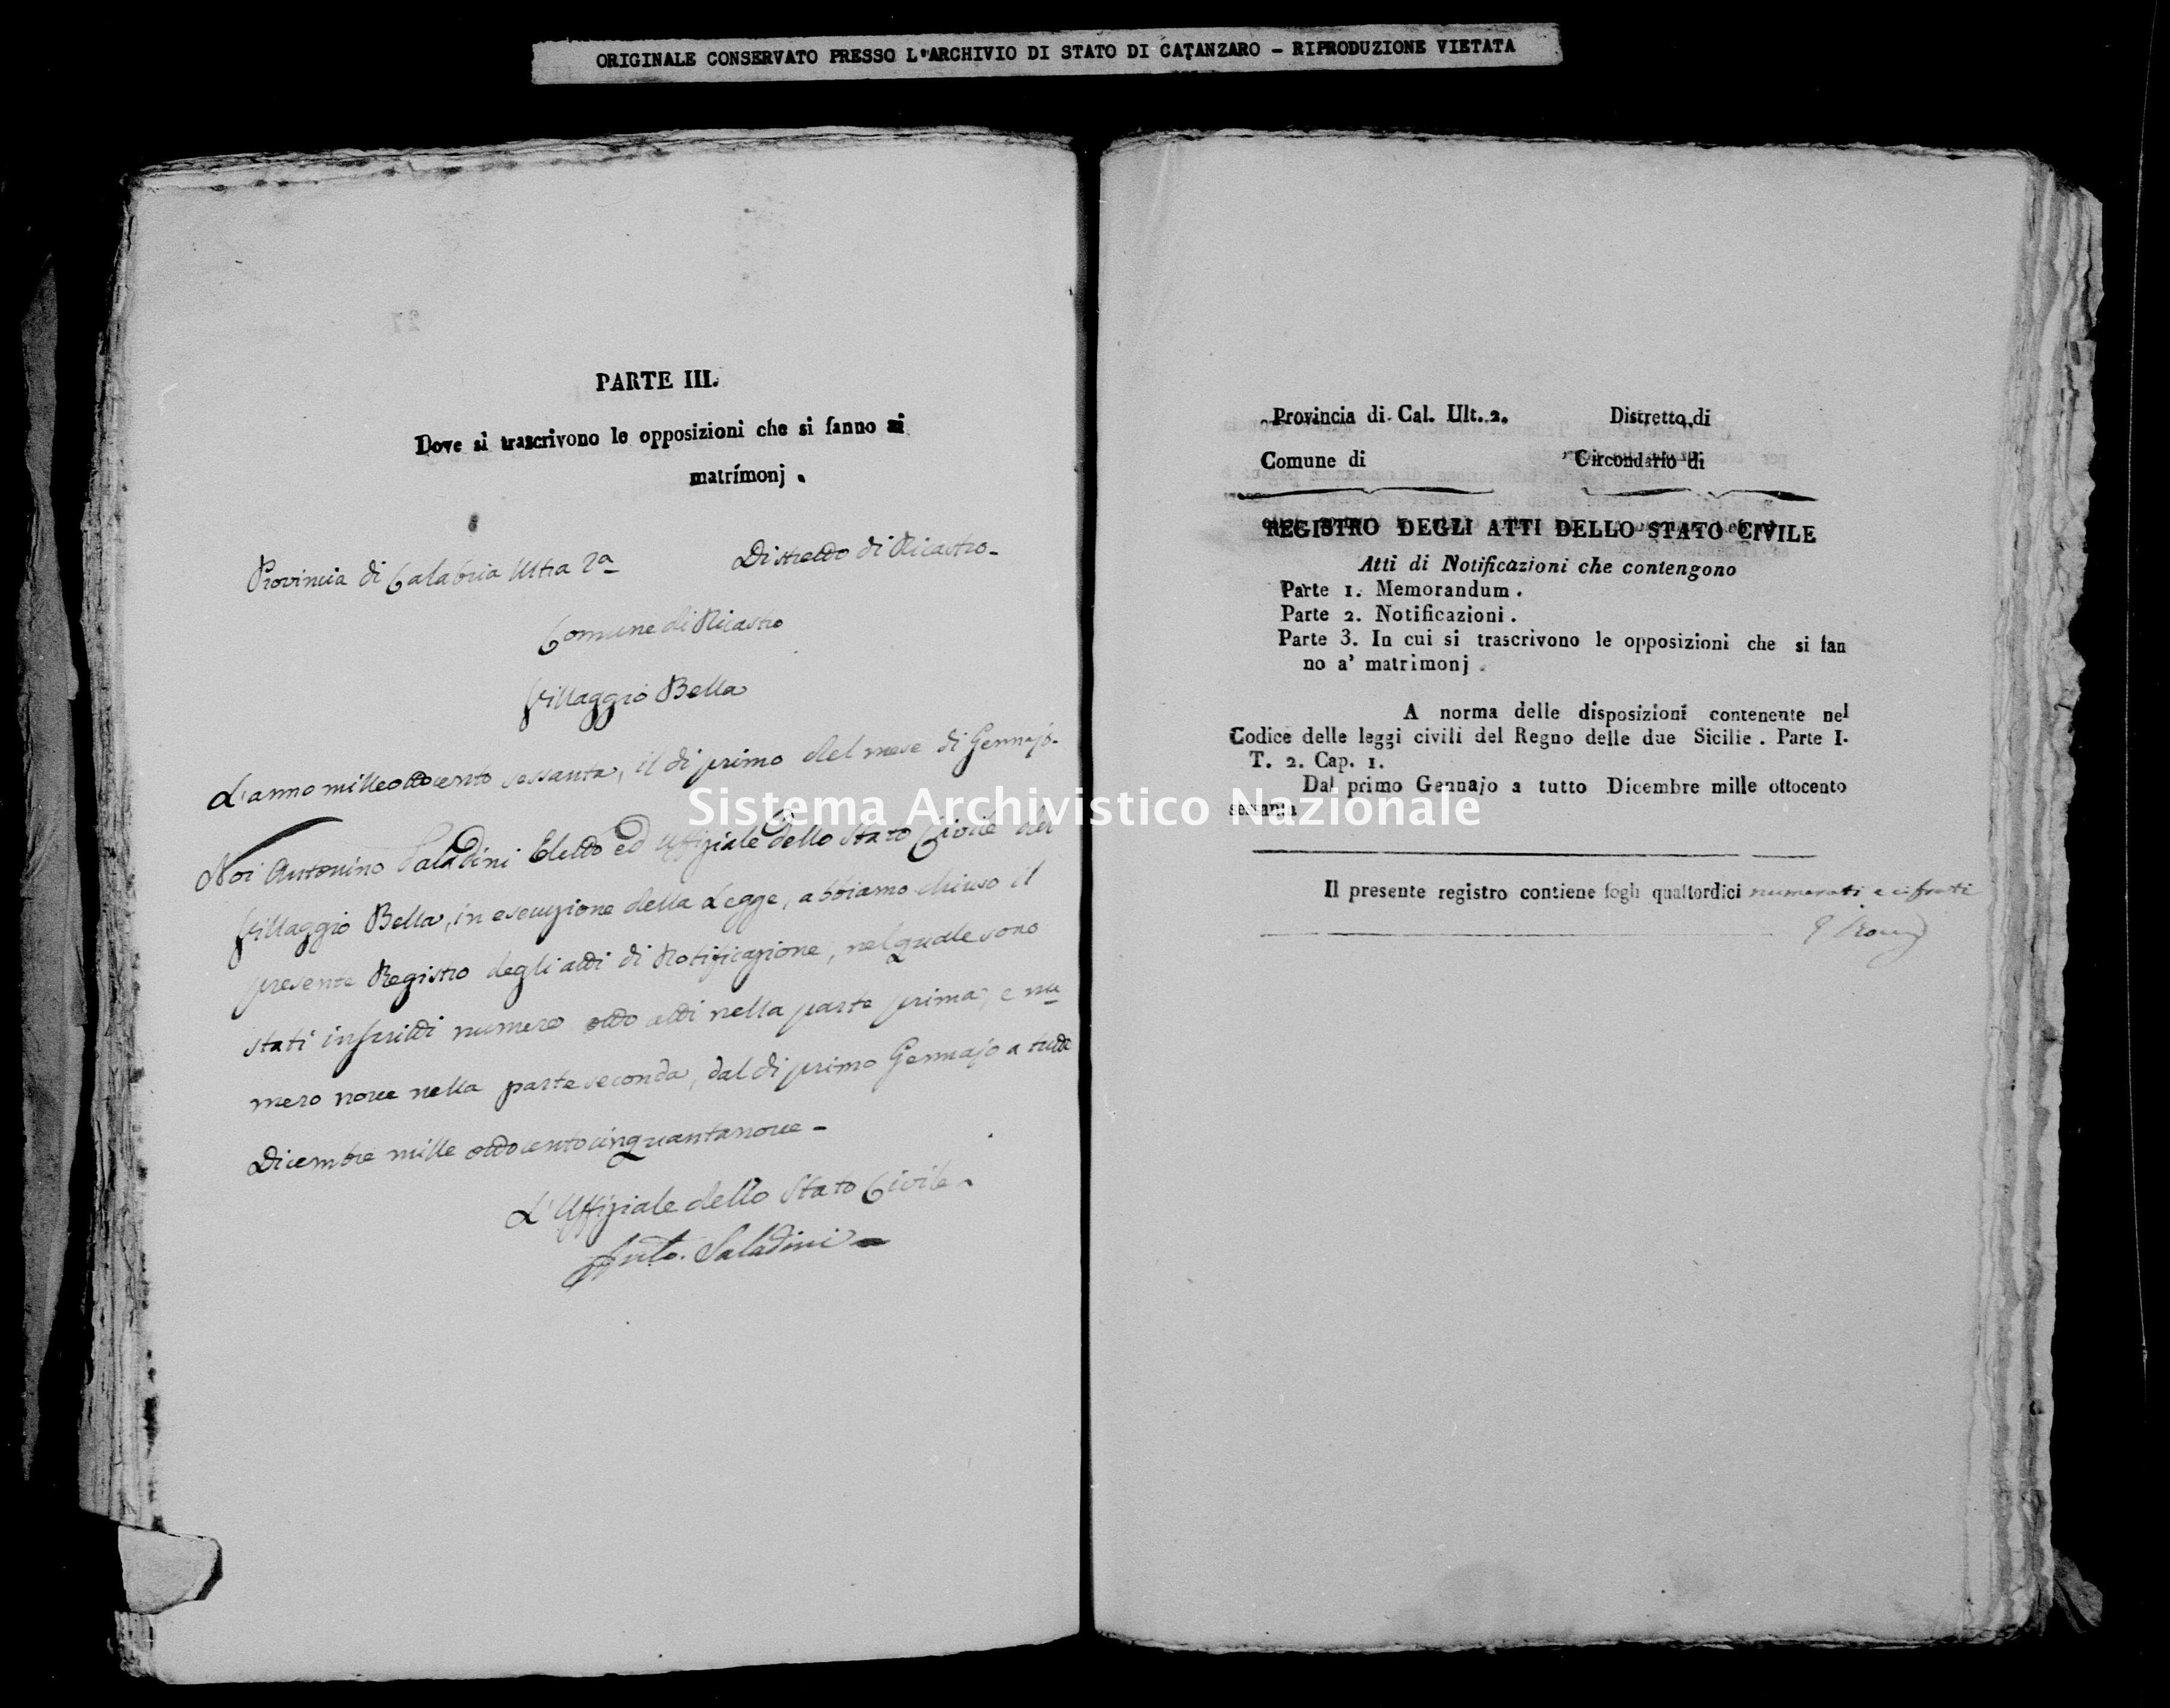 Archivio di stato di Catanzaro - Stato civile della restaurazione - Bella - Matrimoni, notificazioni - 1860 -